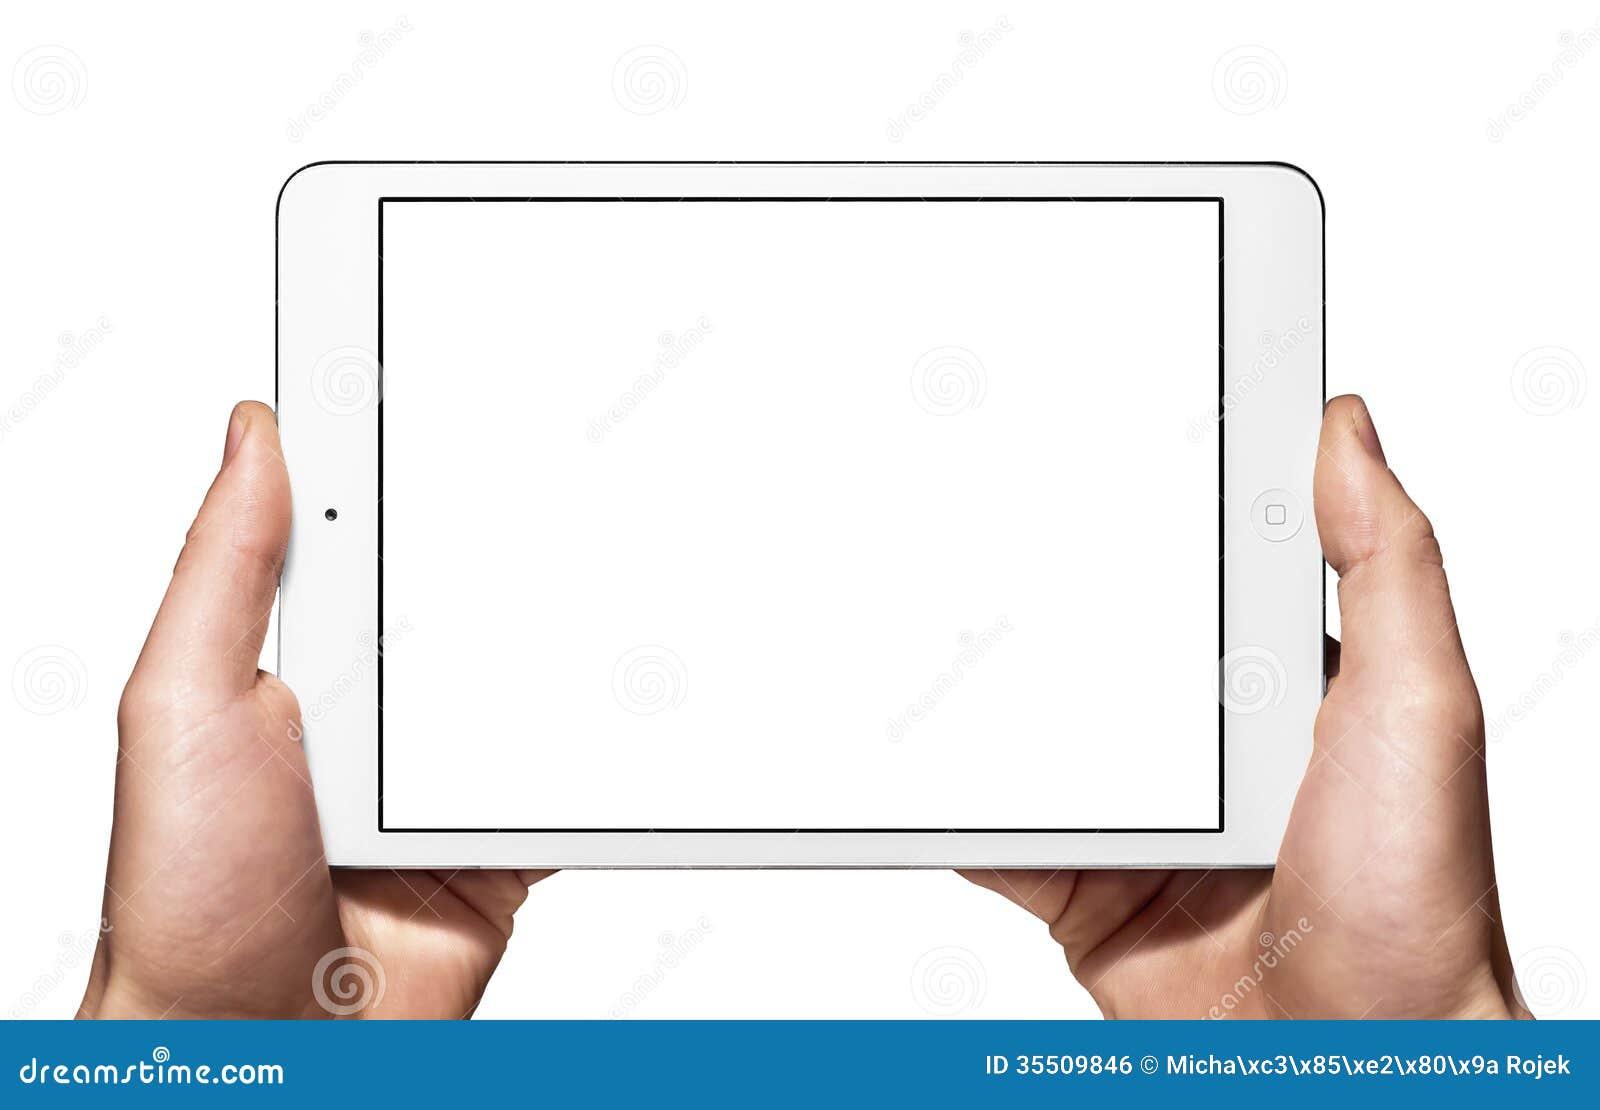 Un nuevo Ipad mini a mano